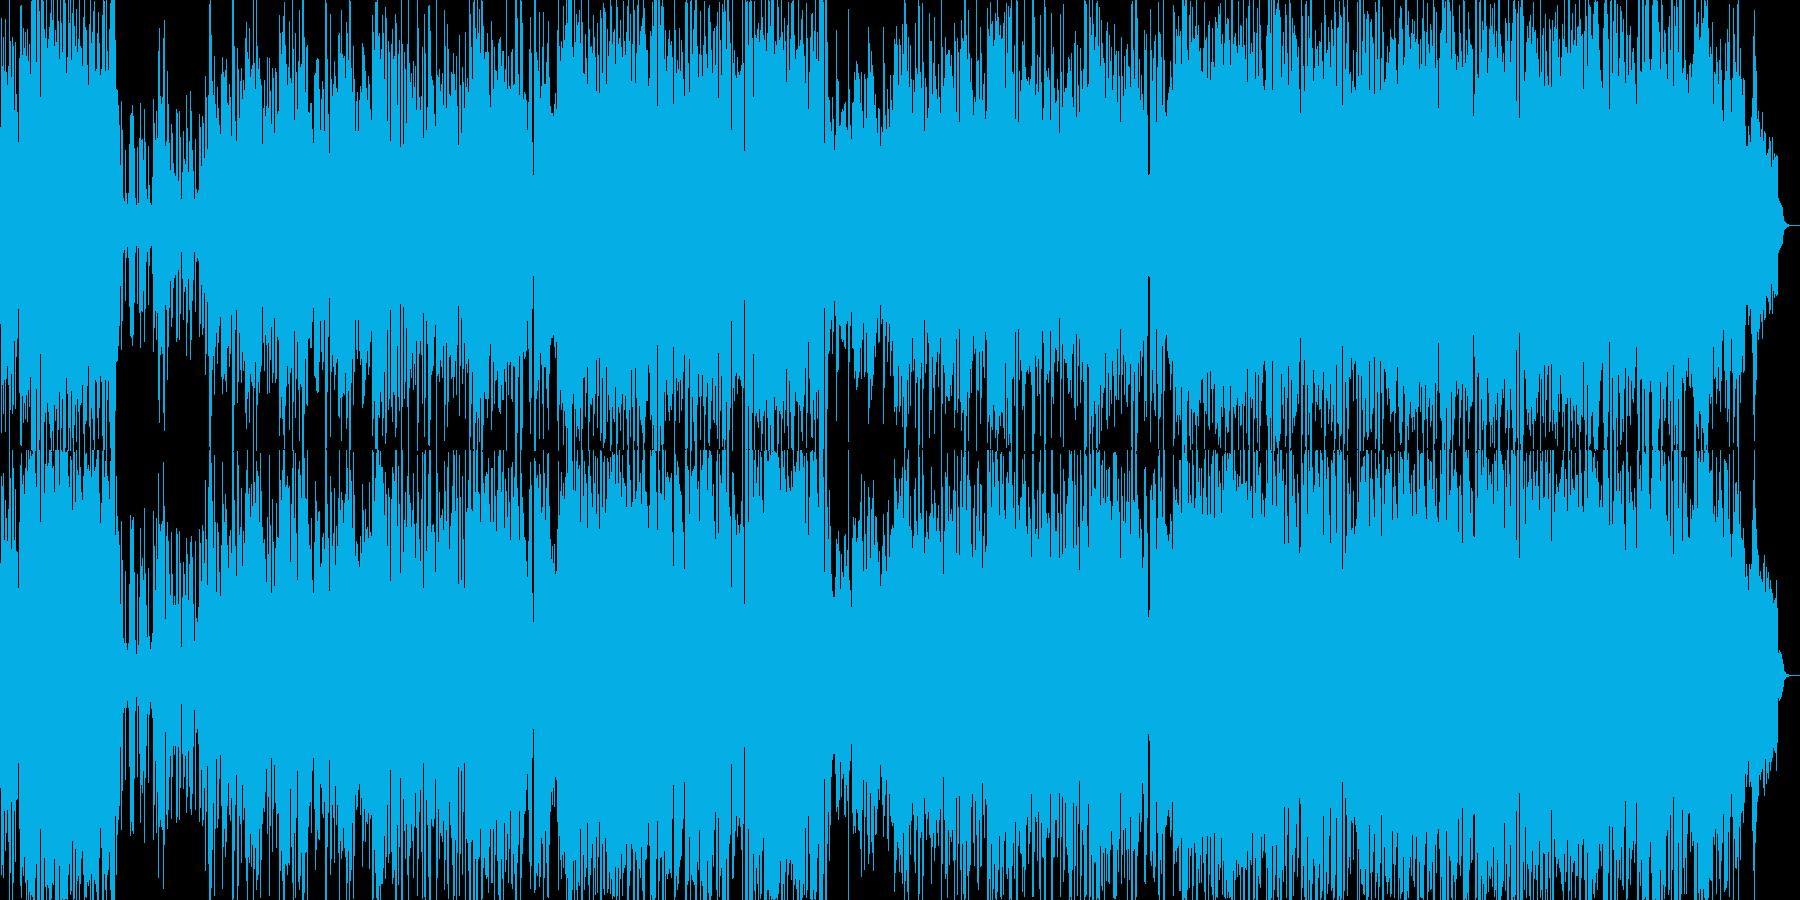 ポップでキャッチーな歌のも元気ピアノ繊細の再生済みの波形